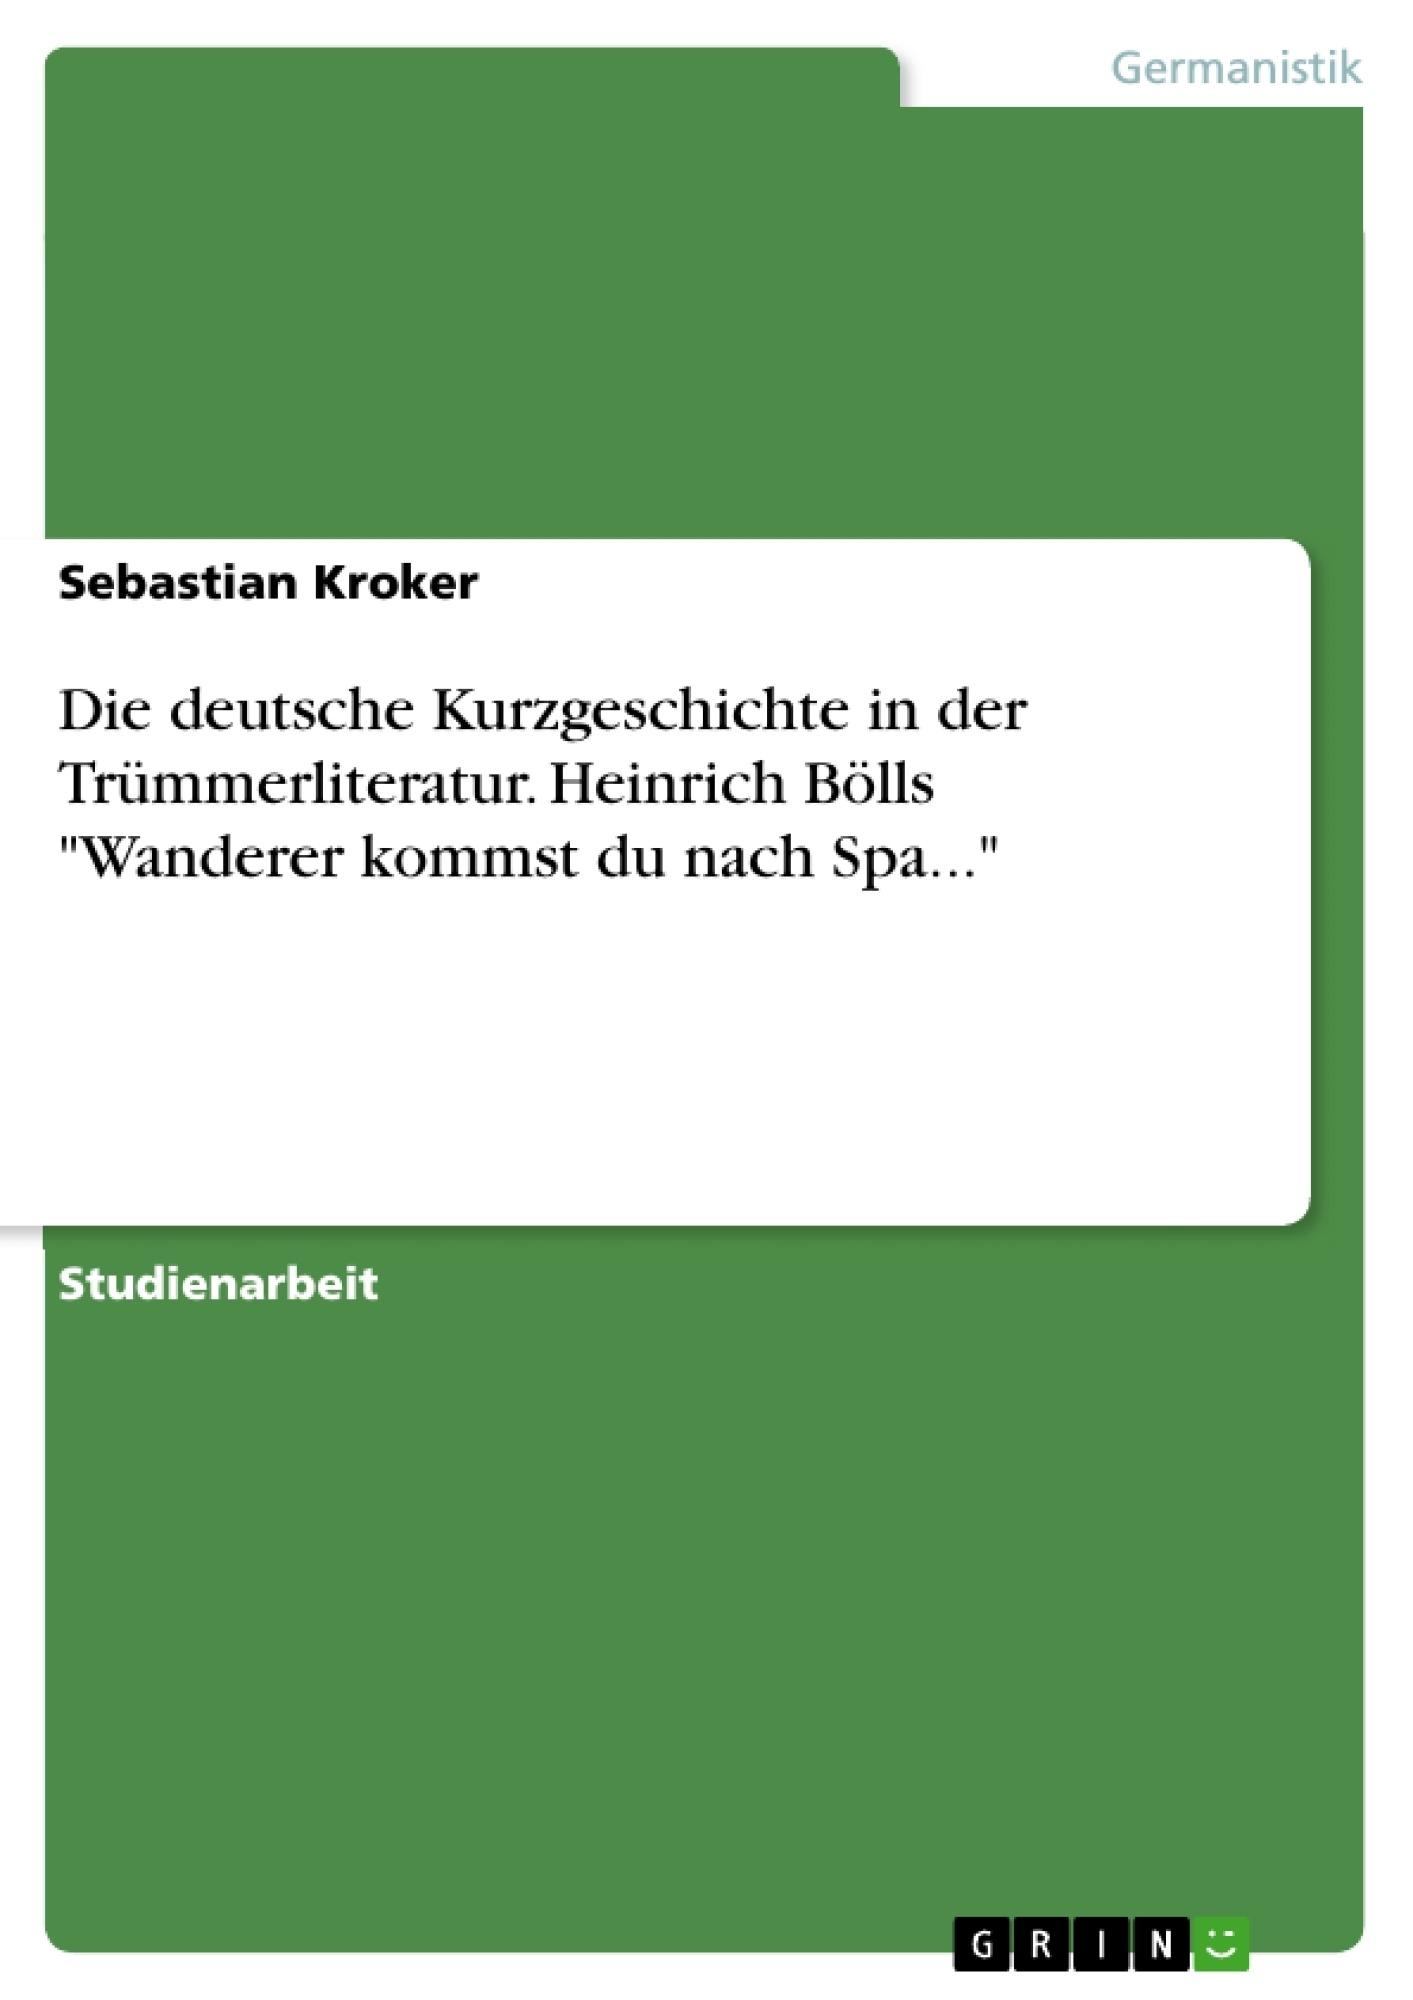 die deutsche kurzgeschichte in der tr mmerliteratur heinrich hausarbeiten publizieren. Black Bedroom Furniture Sets. Home Design Ideas